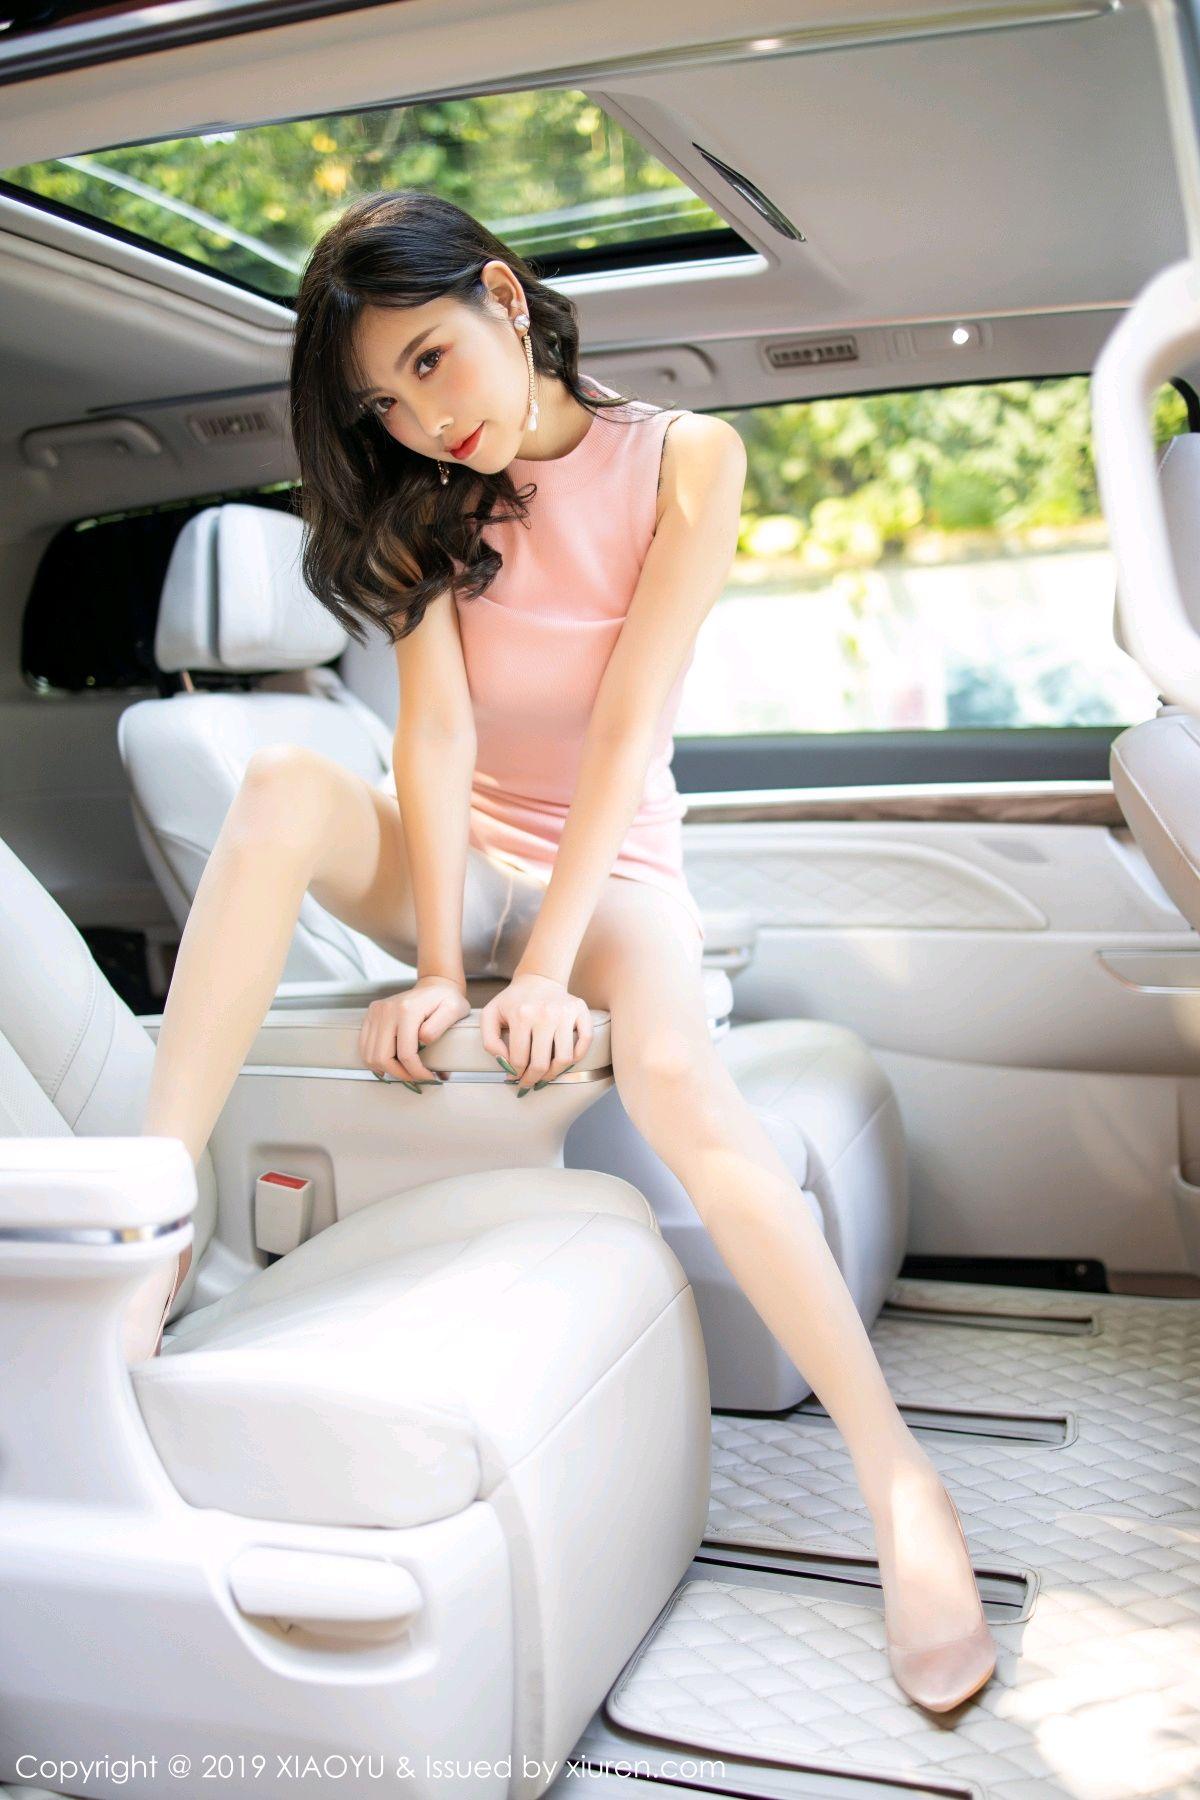 [XIAOYU] Vol.178 Yang Chen Chen 41P, Outdoor, Tall, XiaoYu, Yang Chen Chen